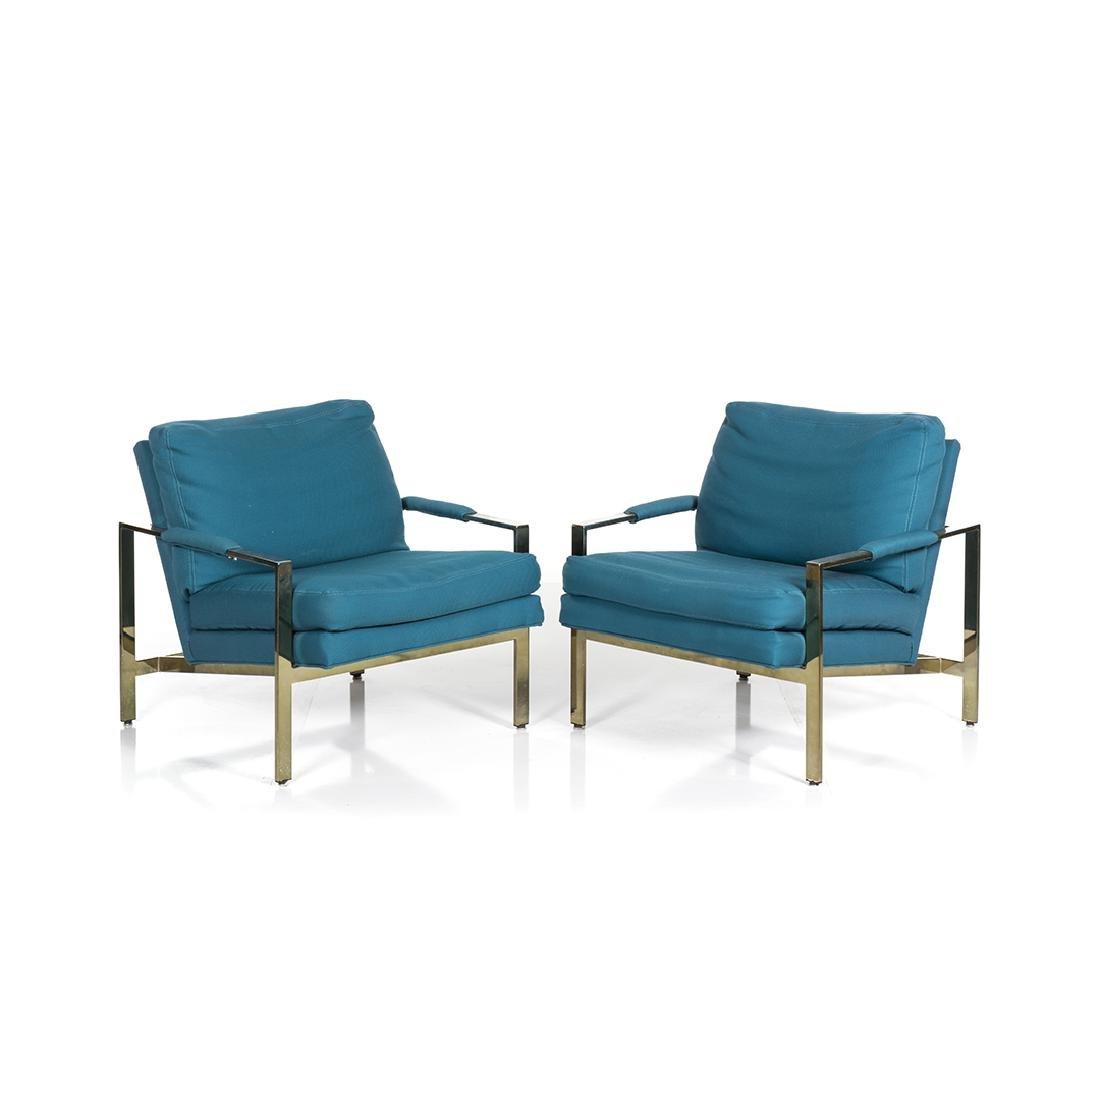 Milo Baughman Lounge Chairs (2)